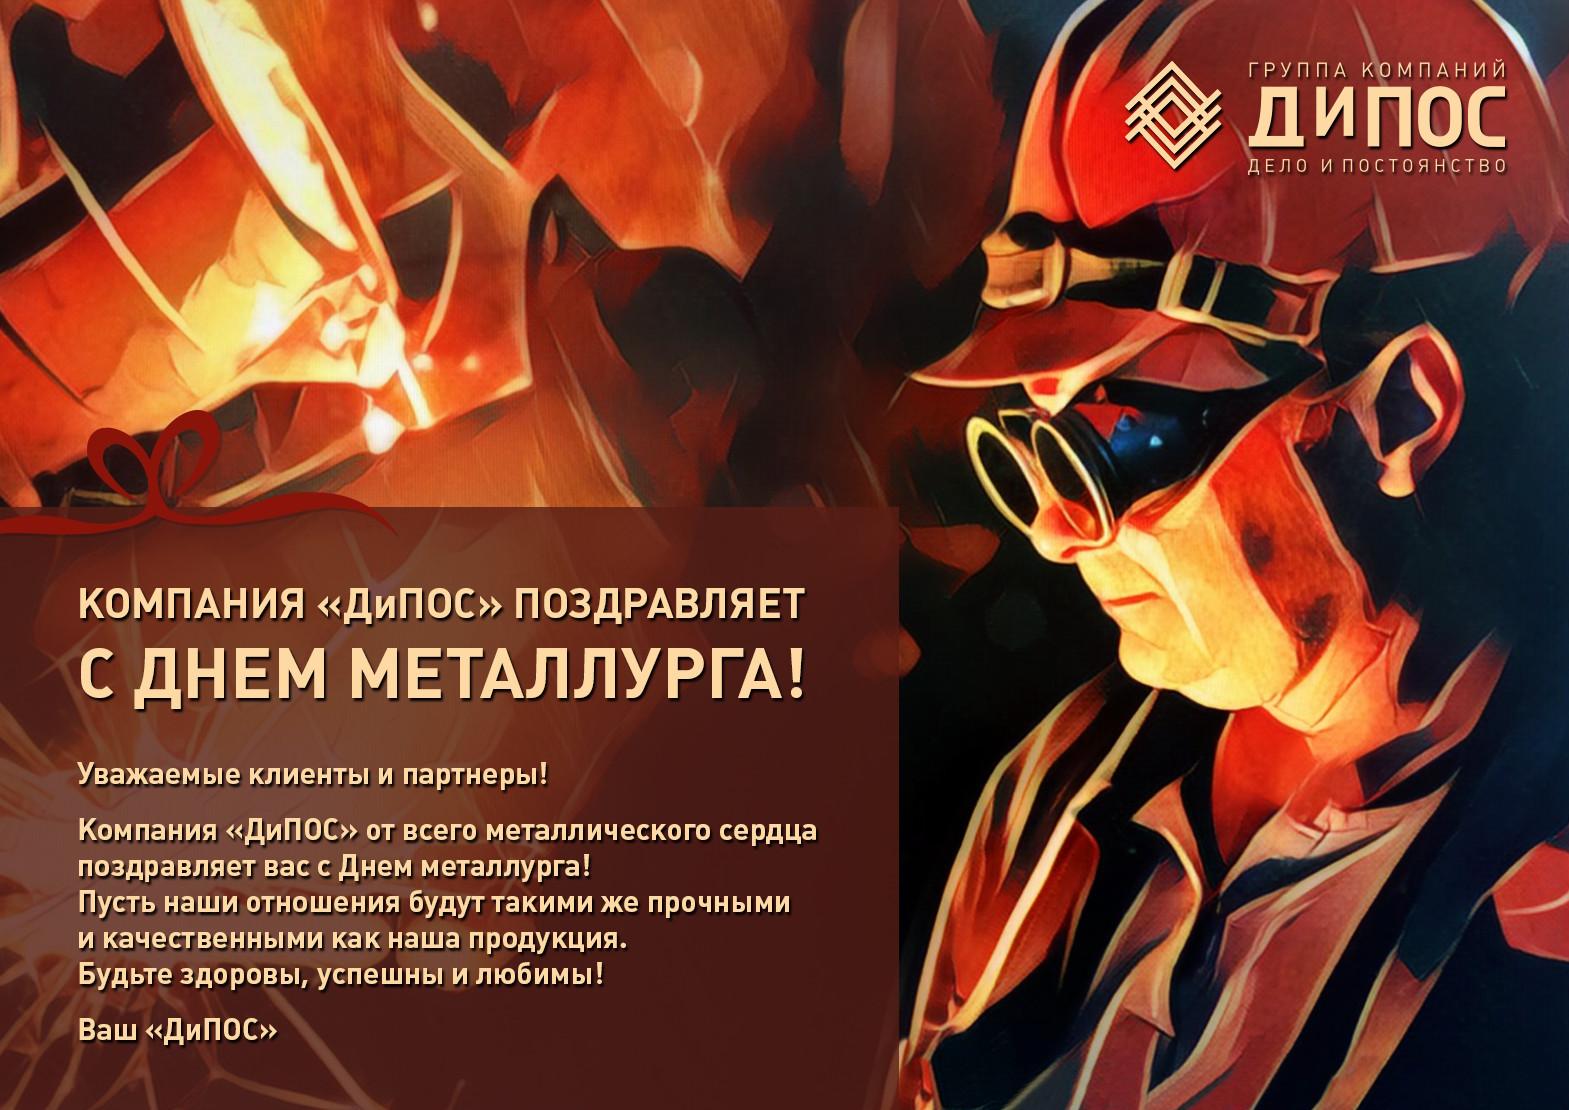 День металлурга 2016 поздравление